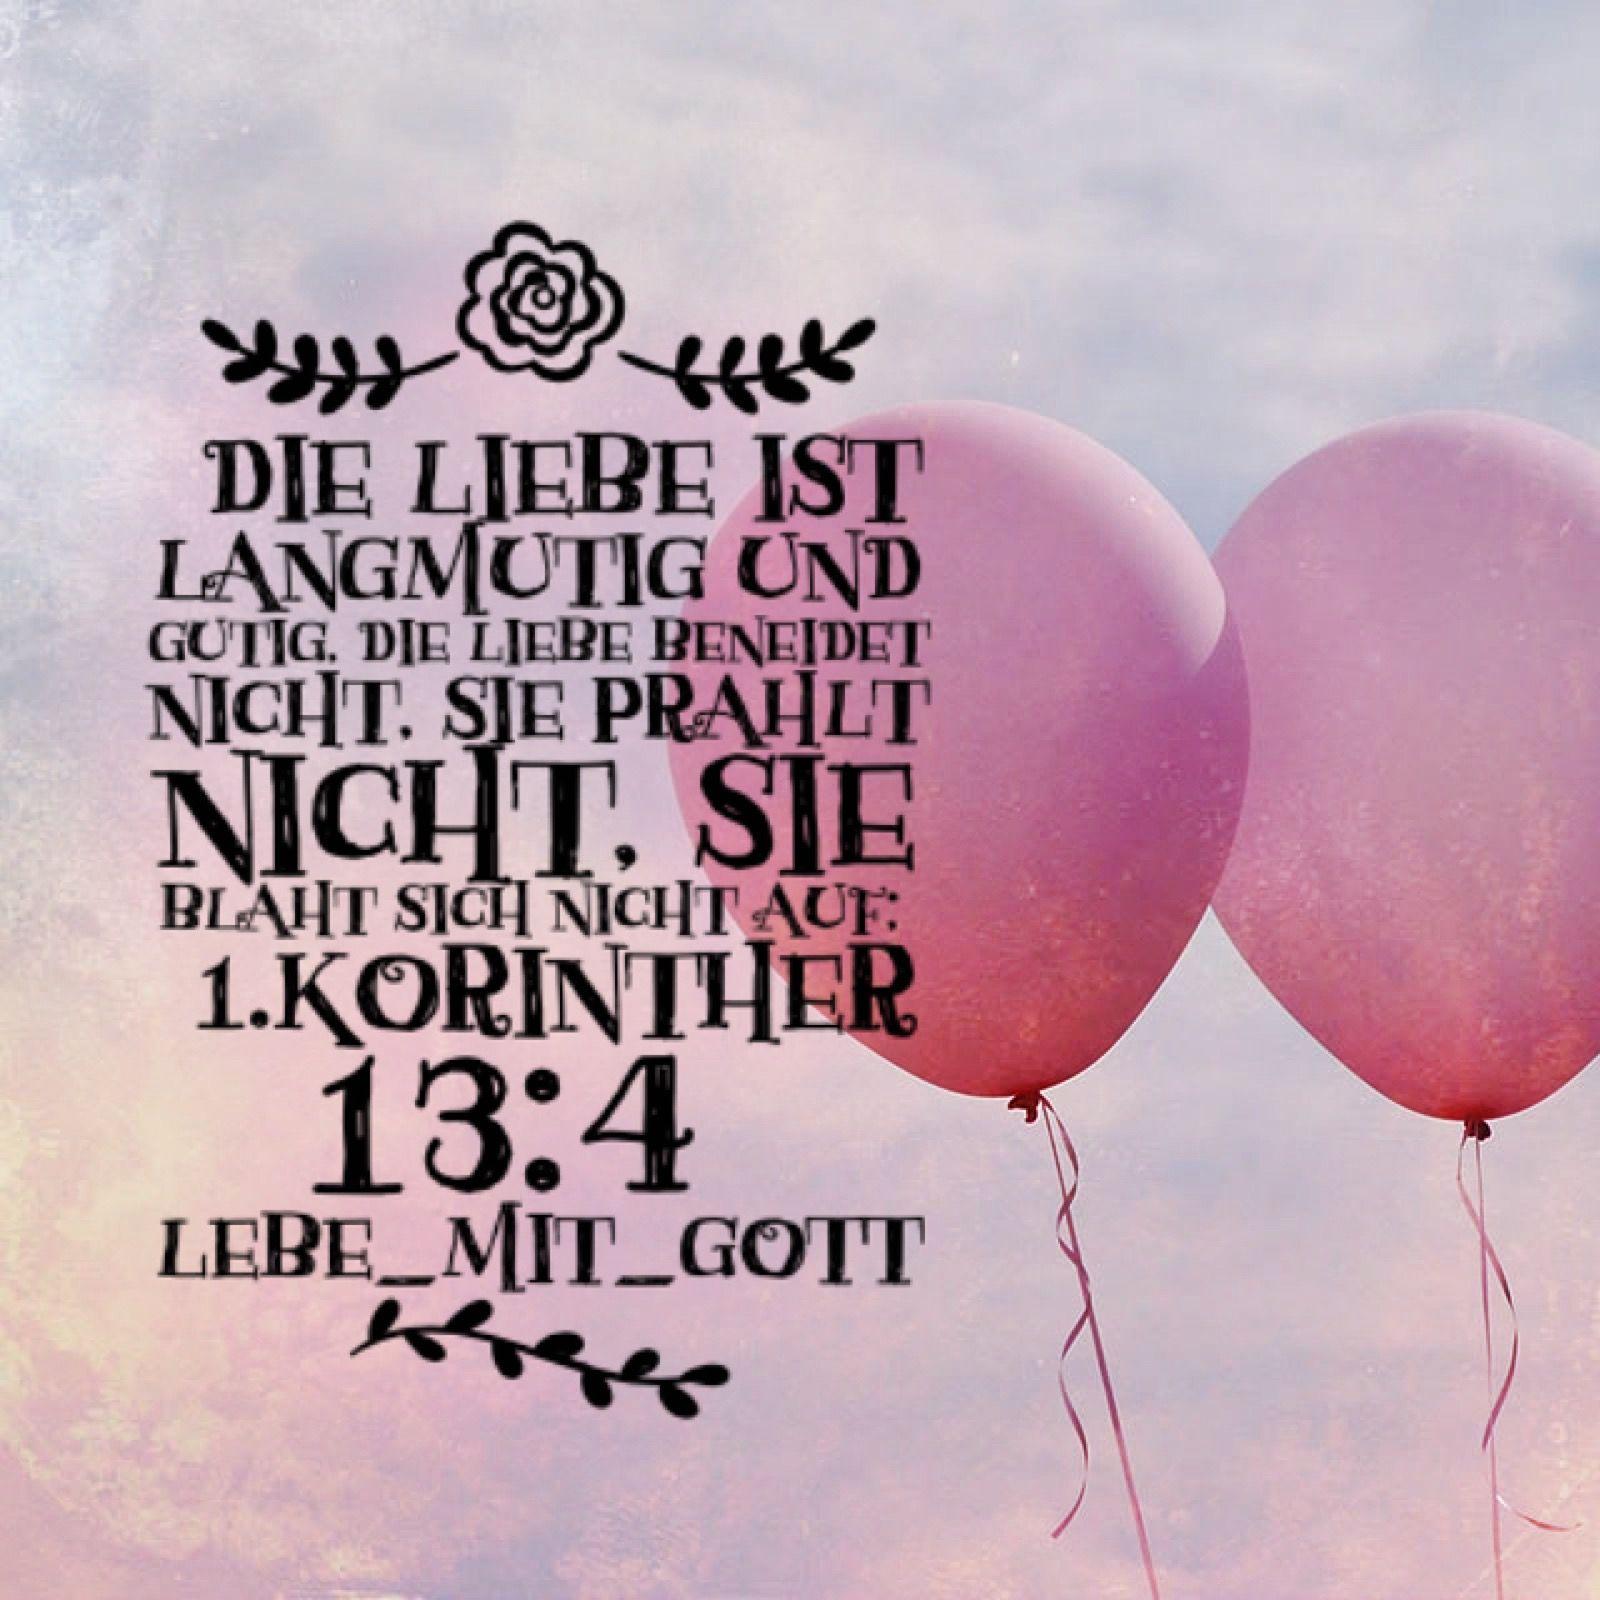 """""""Die Liebe ist langmütig und gütig, die Liebe beneidet"""